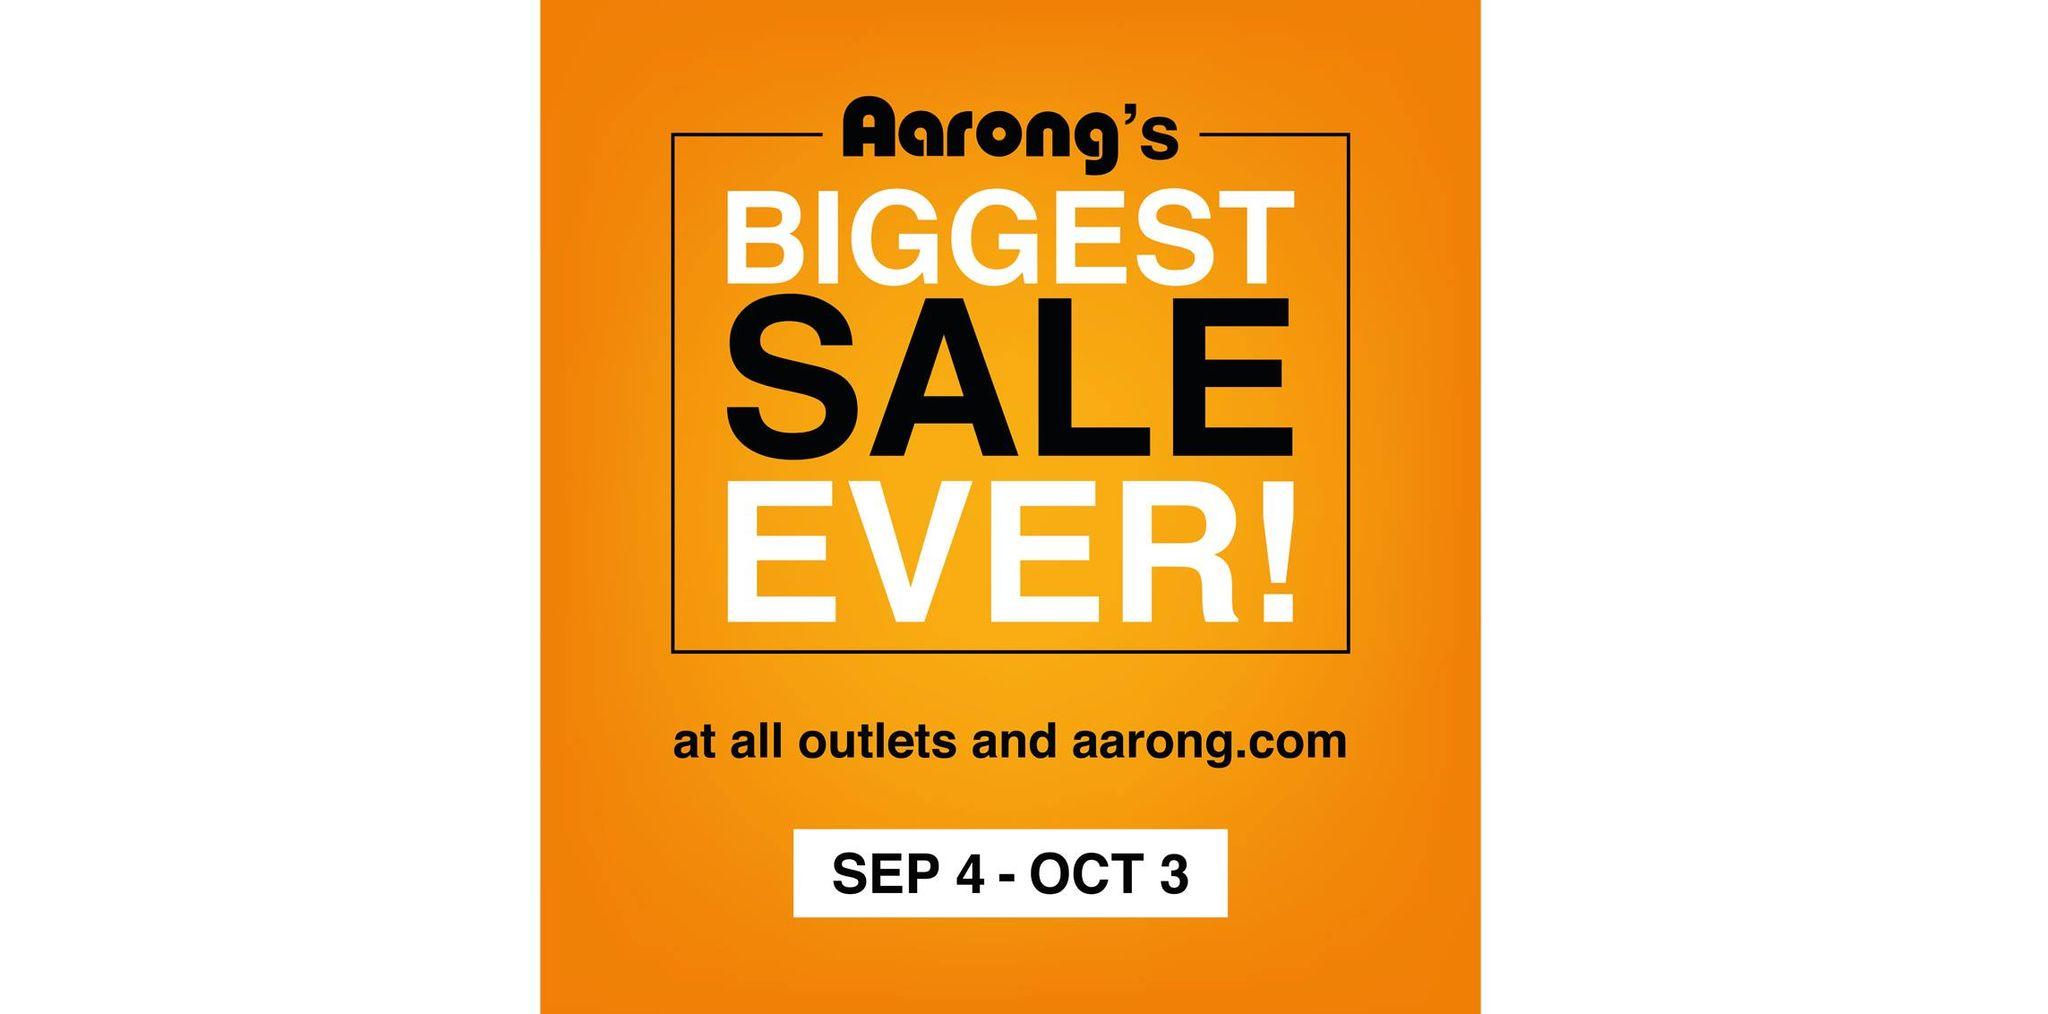 Aarong's Biggest Sale underway